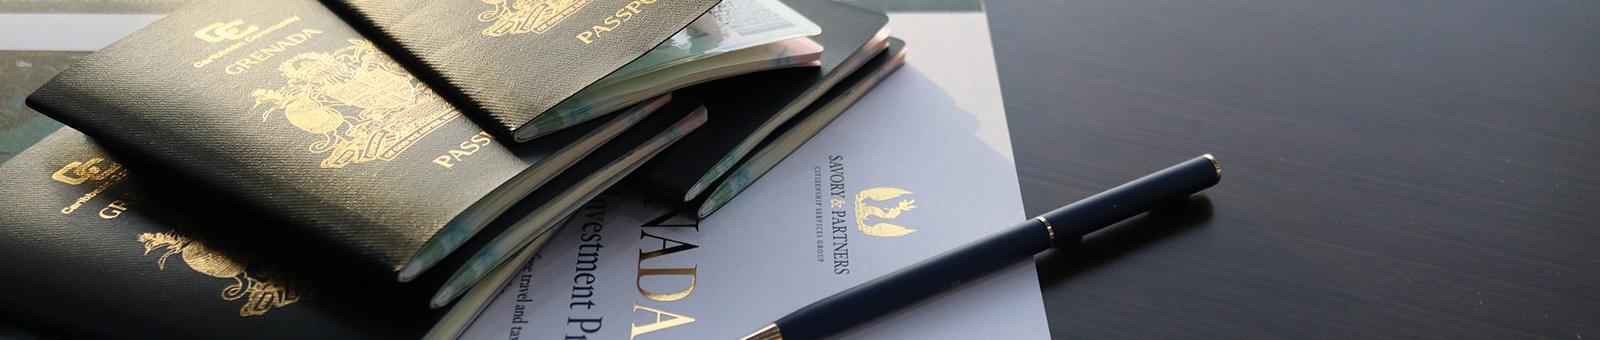 Grenada-e-passport-2